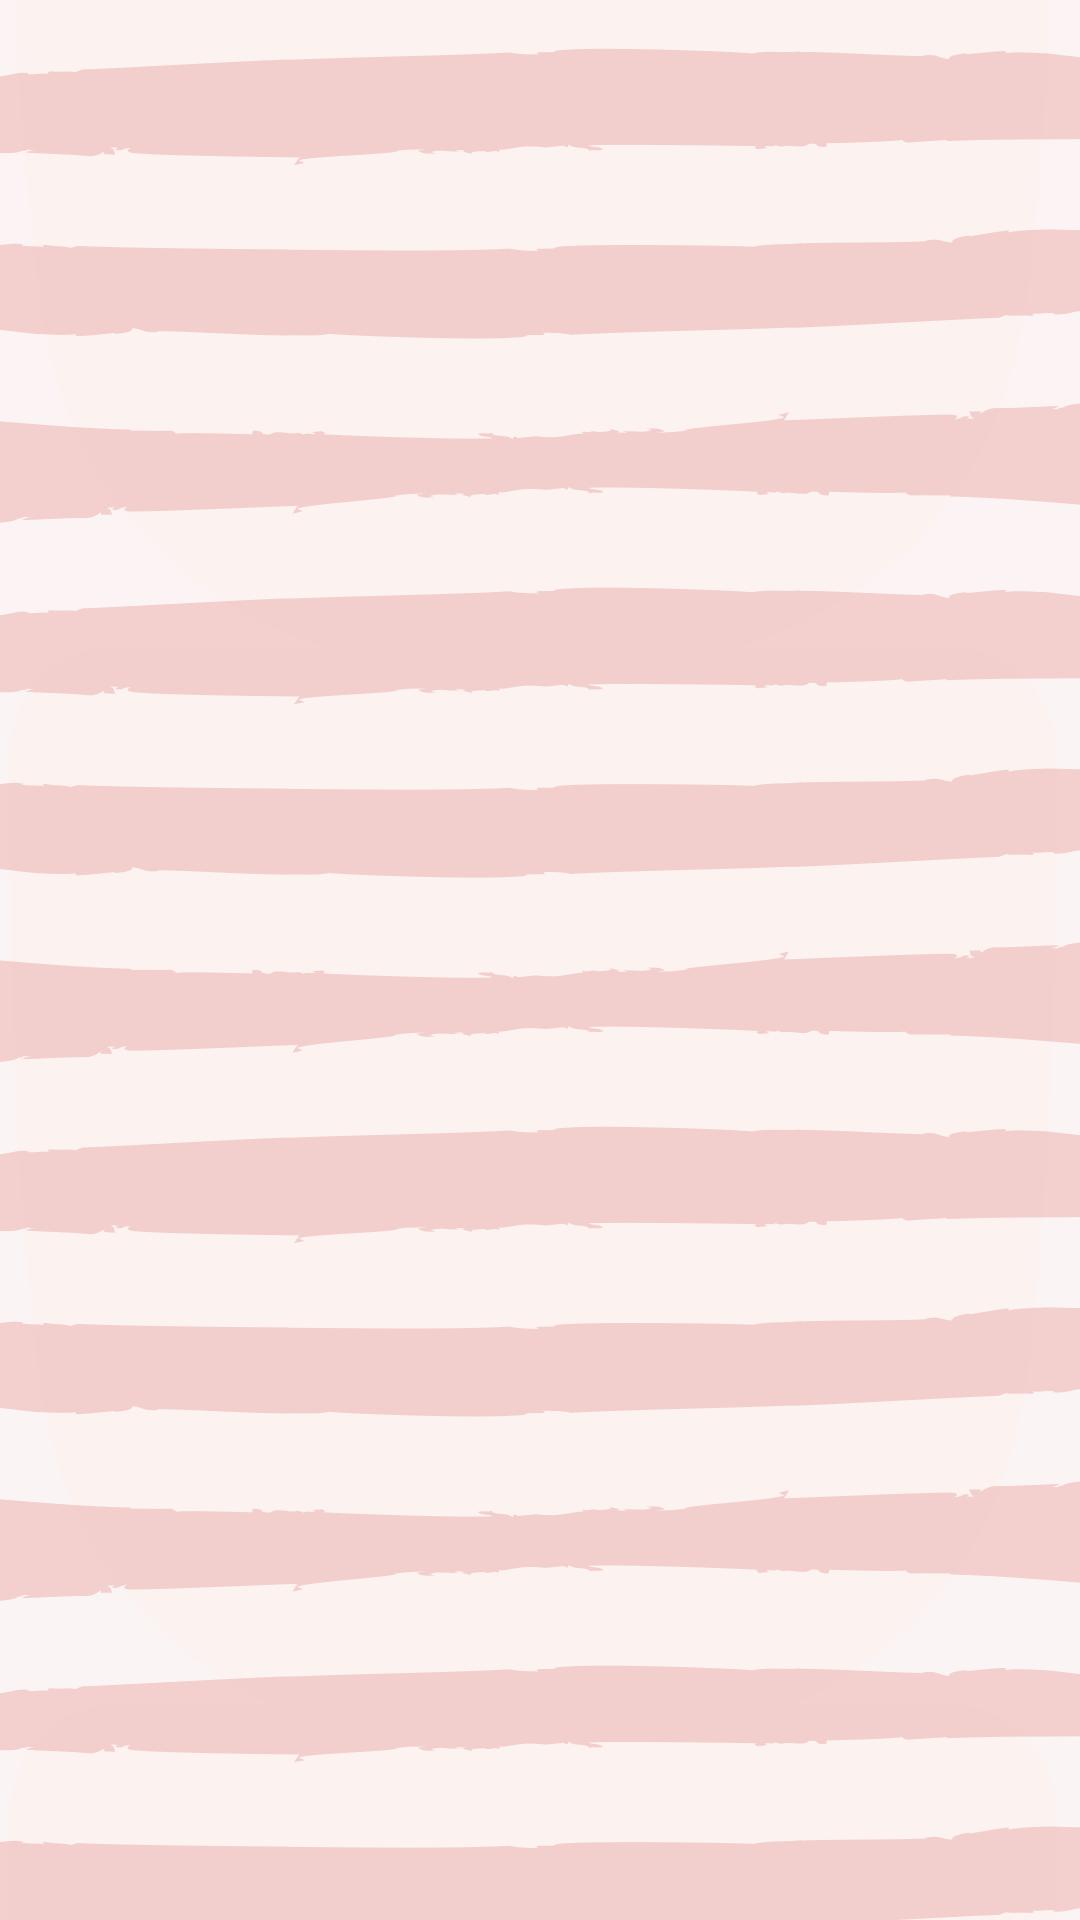 Bath Body Works Venta Semi Anual Cuidado Corporal Y Fragancias Pink Wallpaper Iphone Stripe Iphone Wallpaper Iphone Wallpaper Pattern